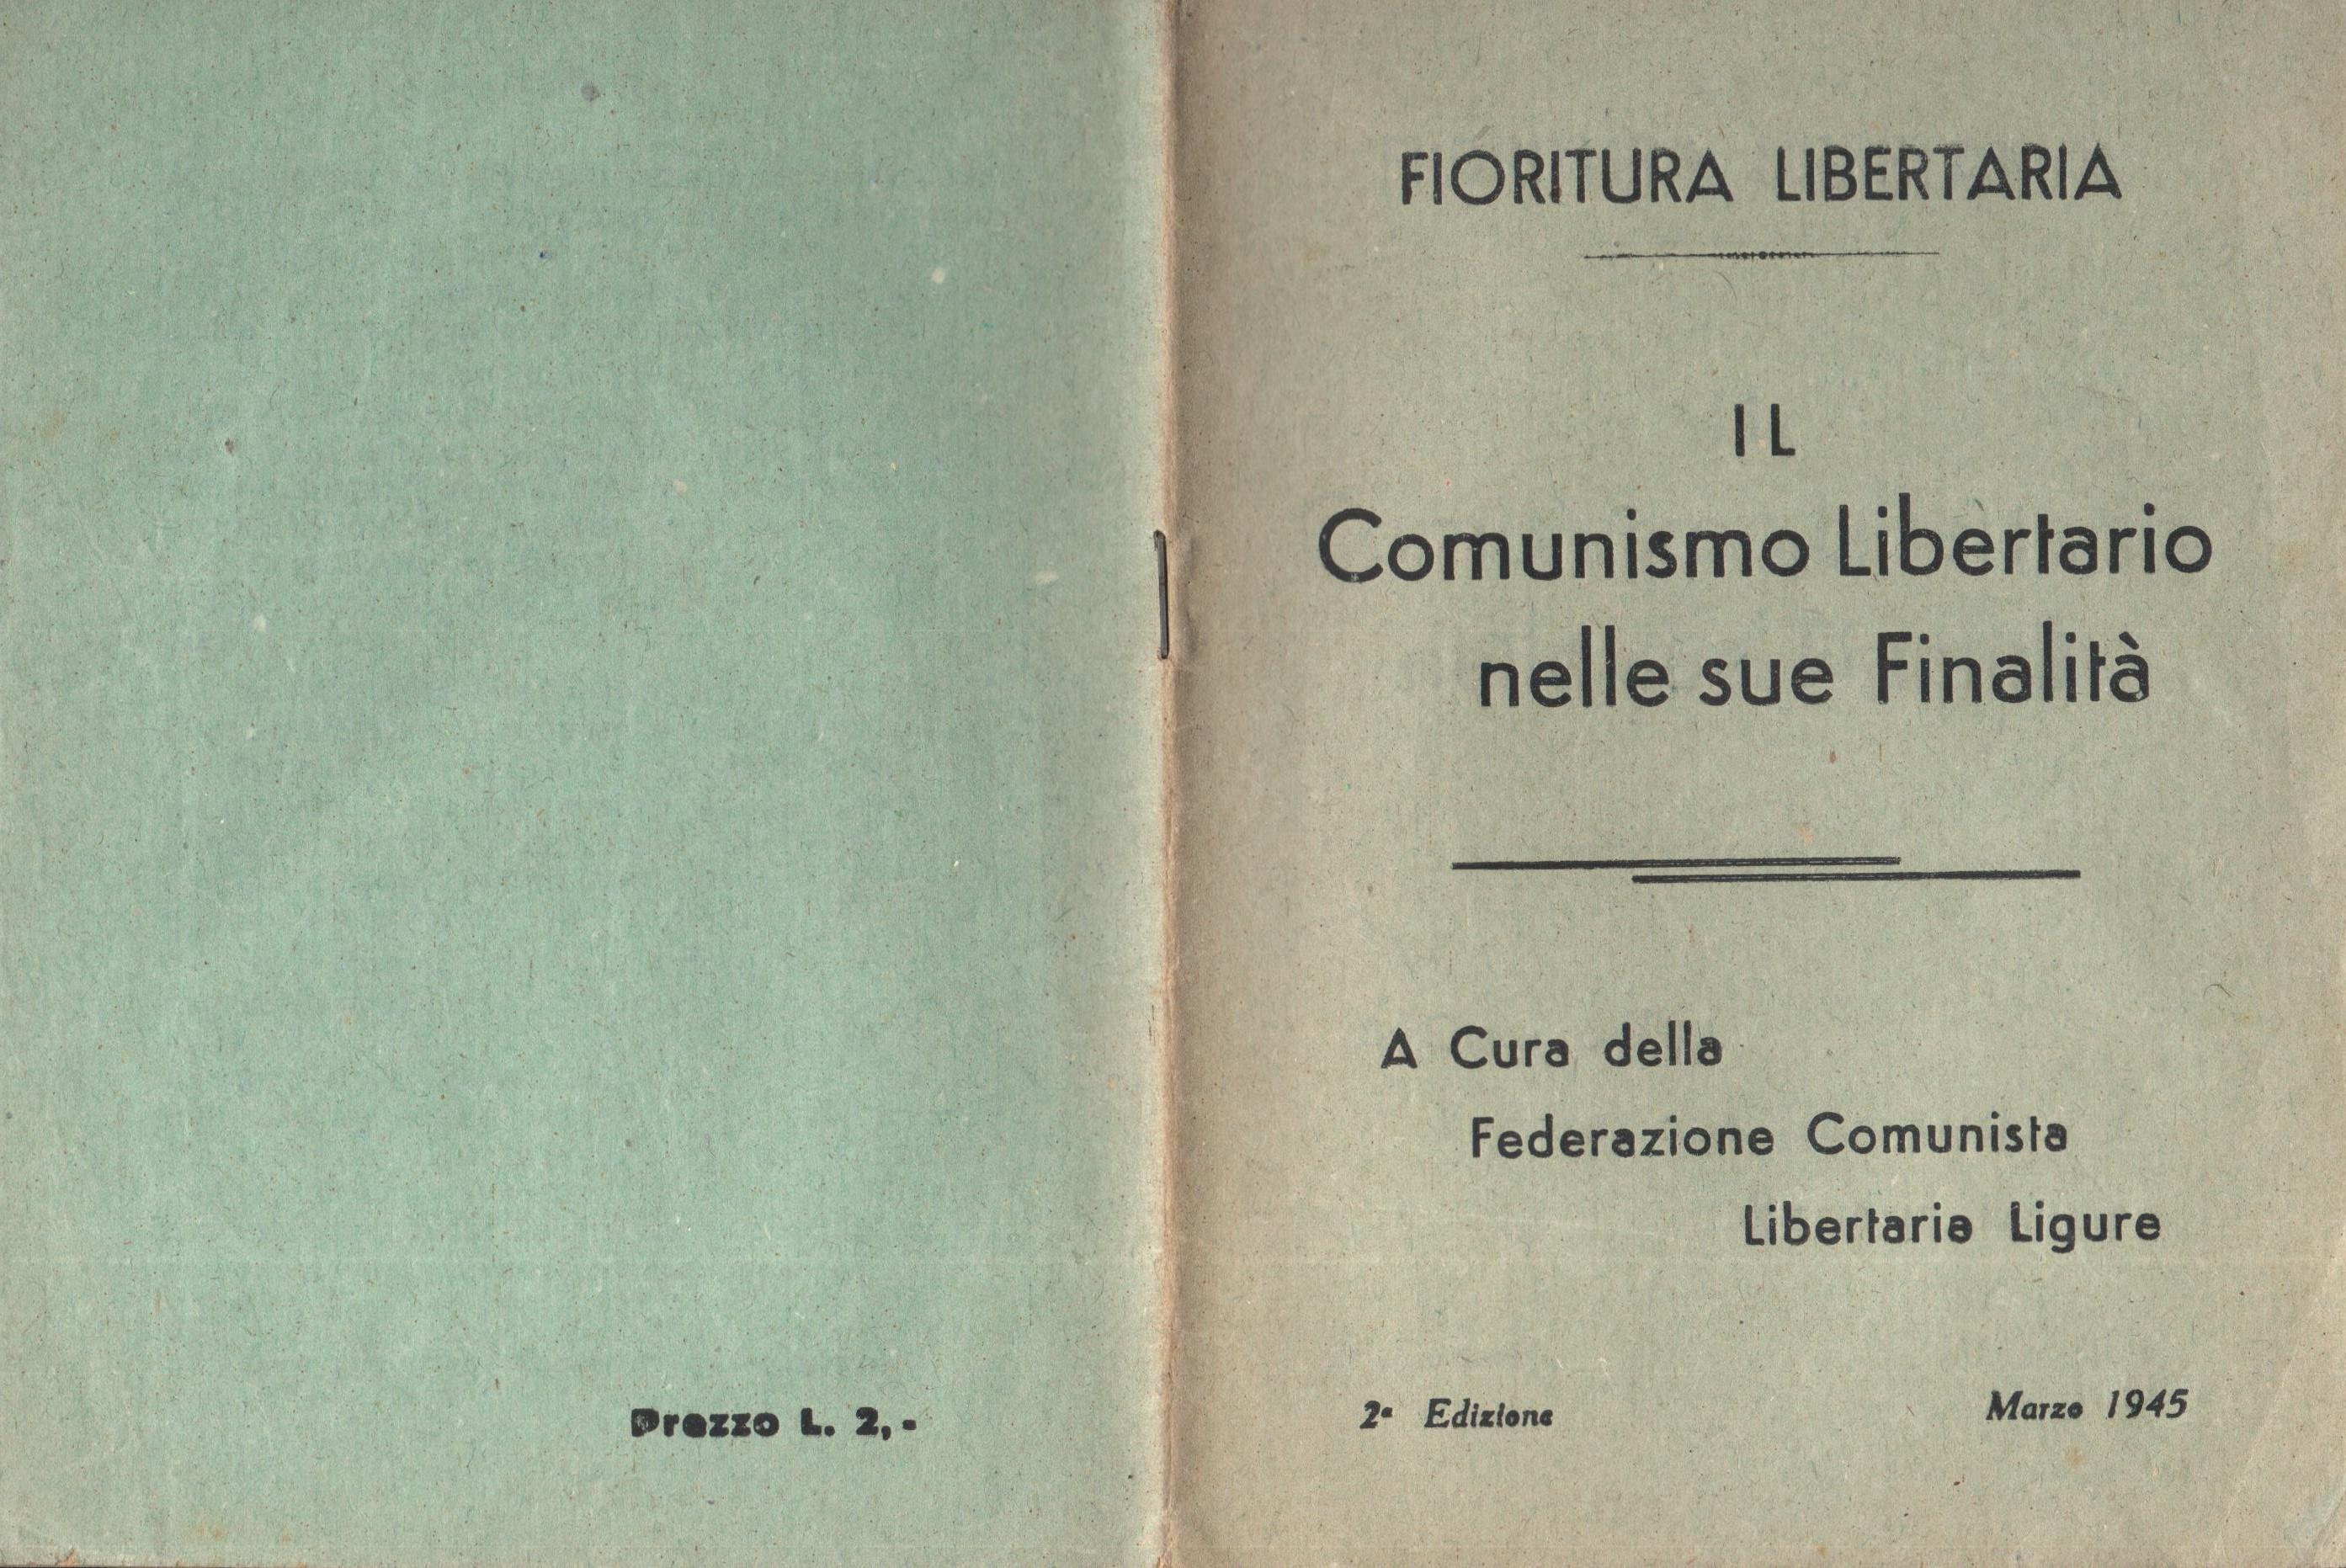 Federazione Comunista - pag. 1